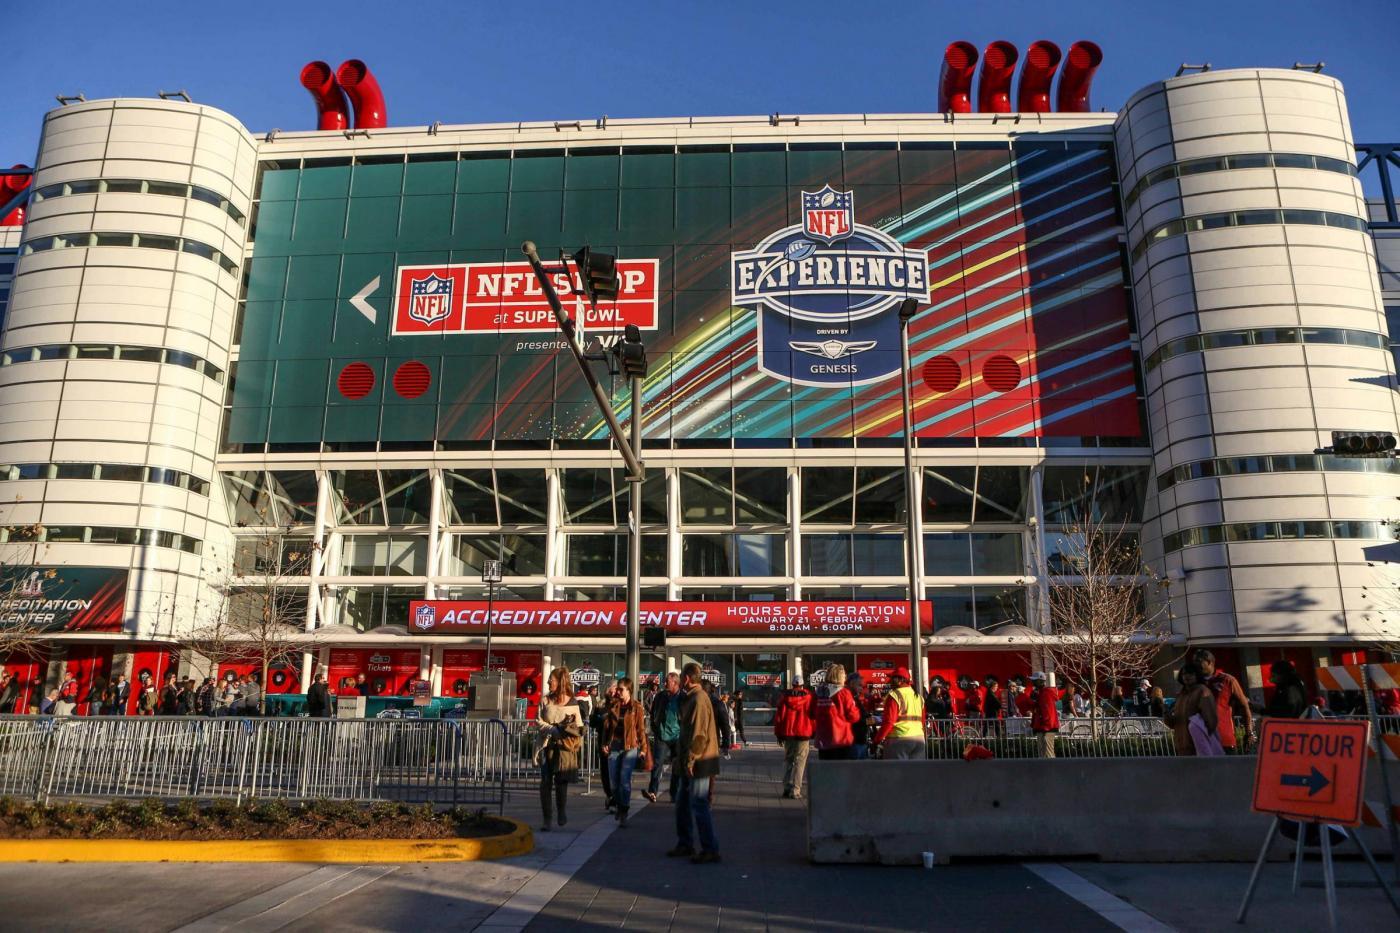 Houston, il Super Bowl LI è già nell'aria la Opening Night